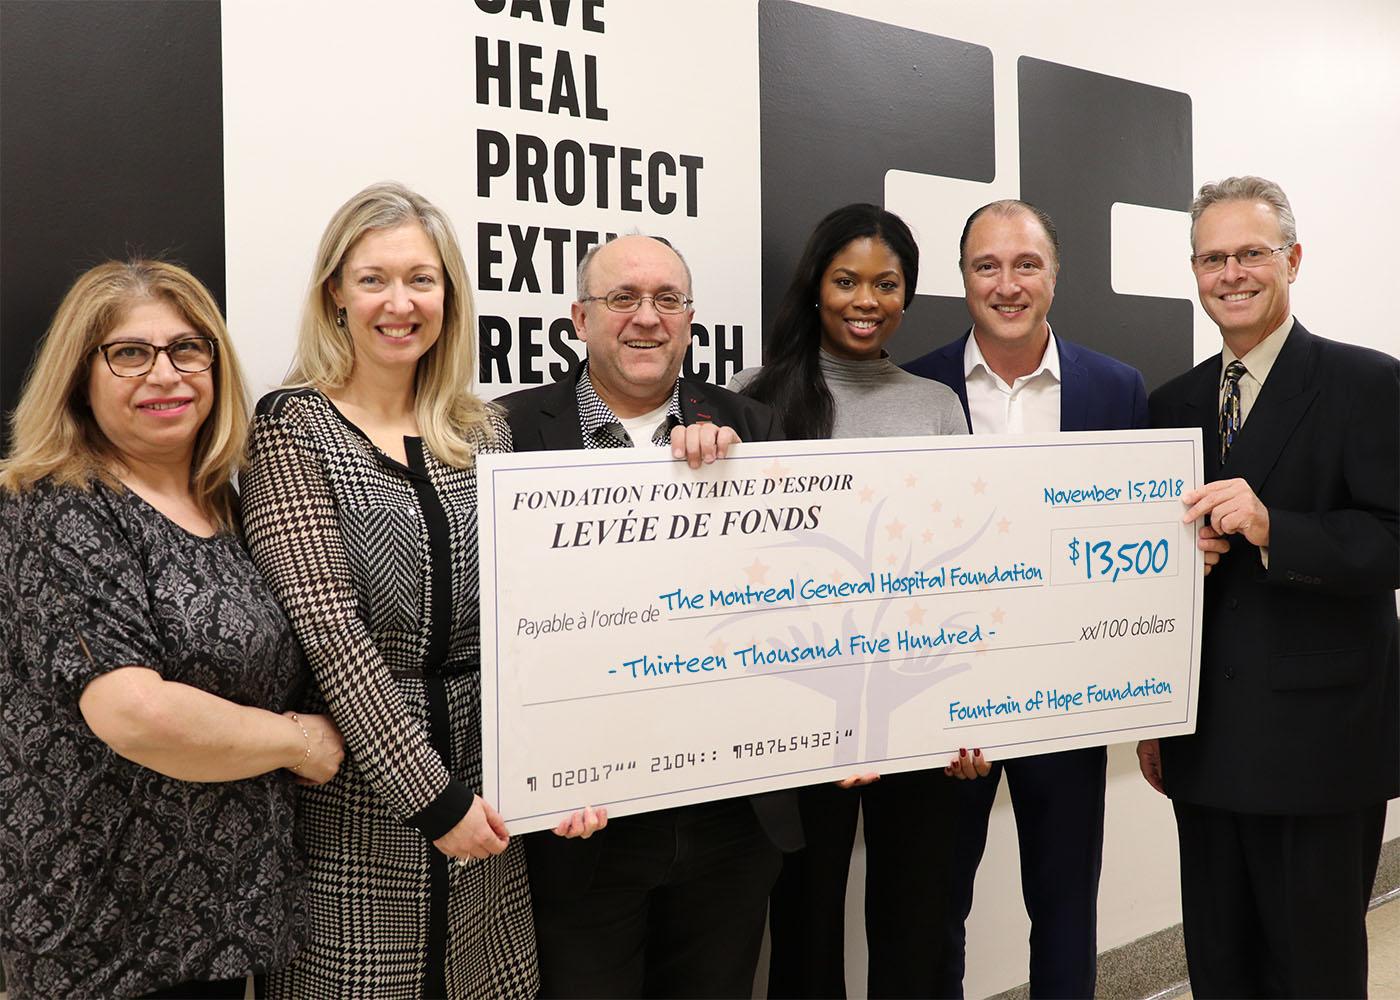 13 500$ pour la Fondation de l'Hôpital Général de Montréal